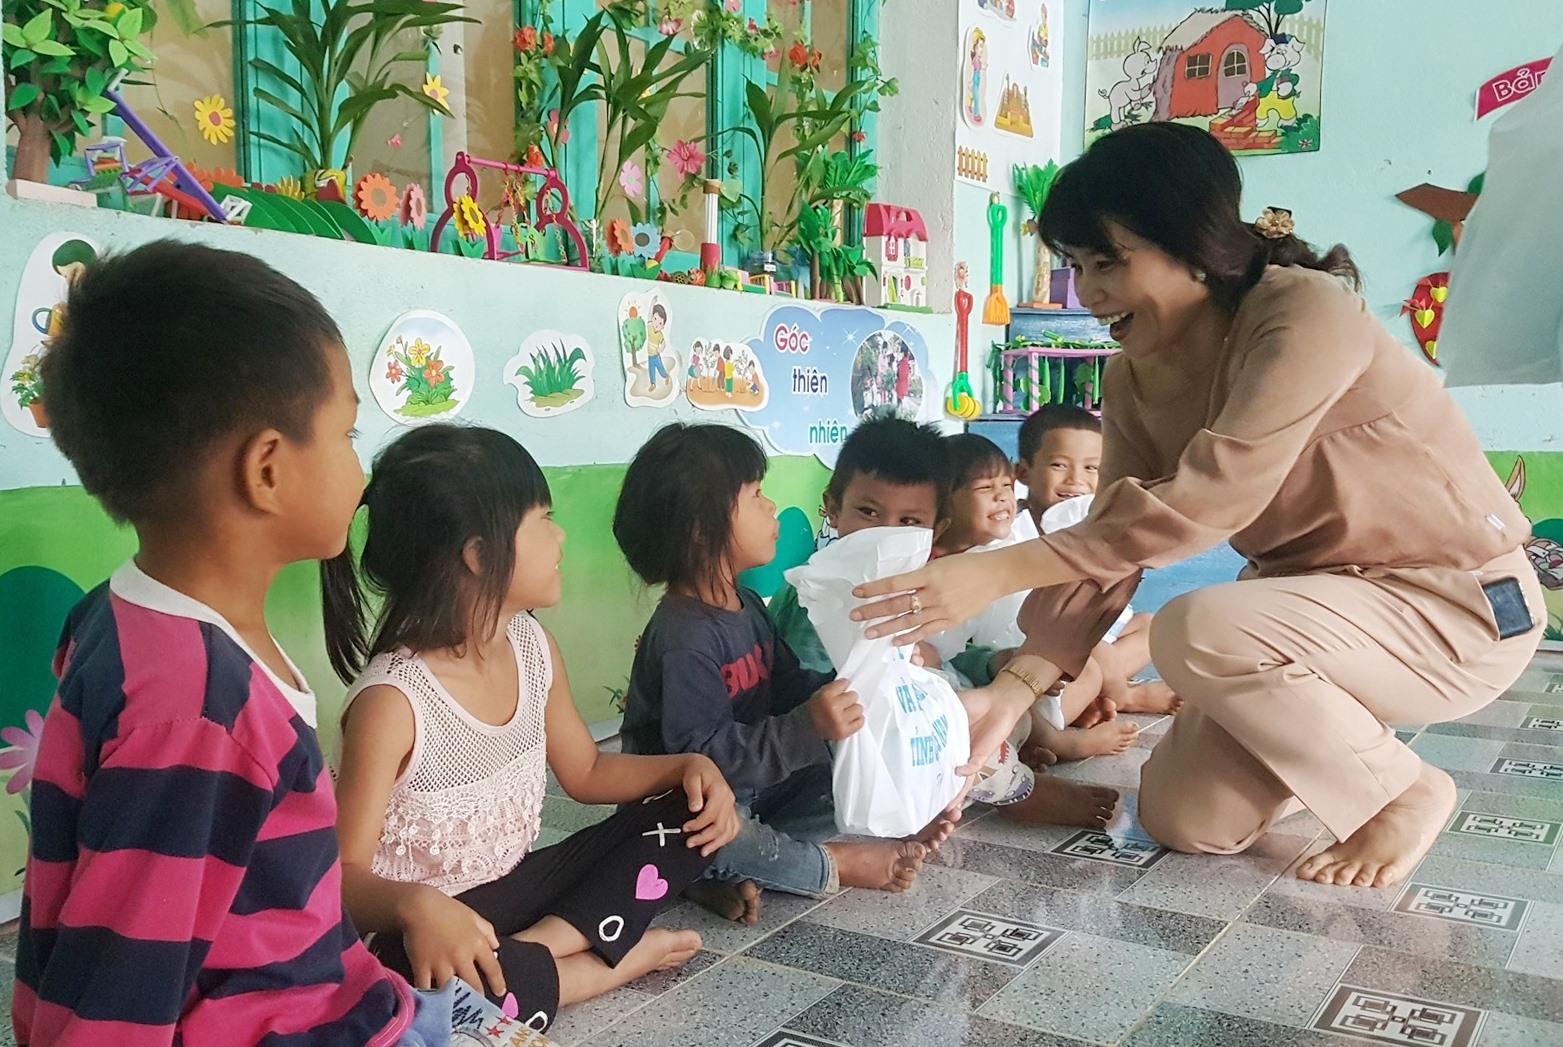 Phó Giám đốc Sở LĐ-TB&XH tỉnh Lưu Thị Bích Ngọc tặng quà cho trẻ mẫu giáo. Ảnh: D.L